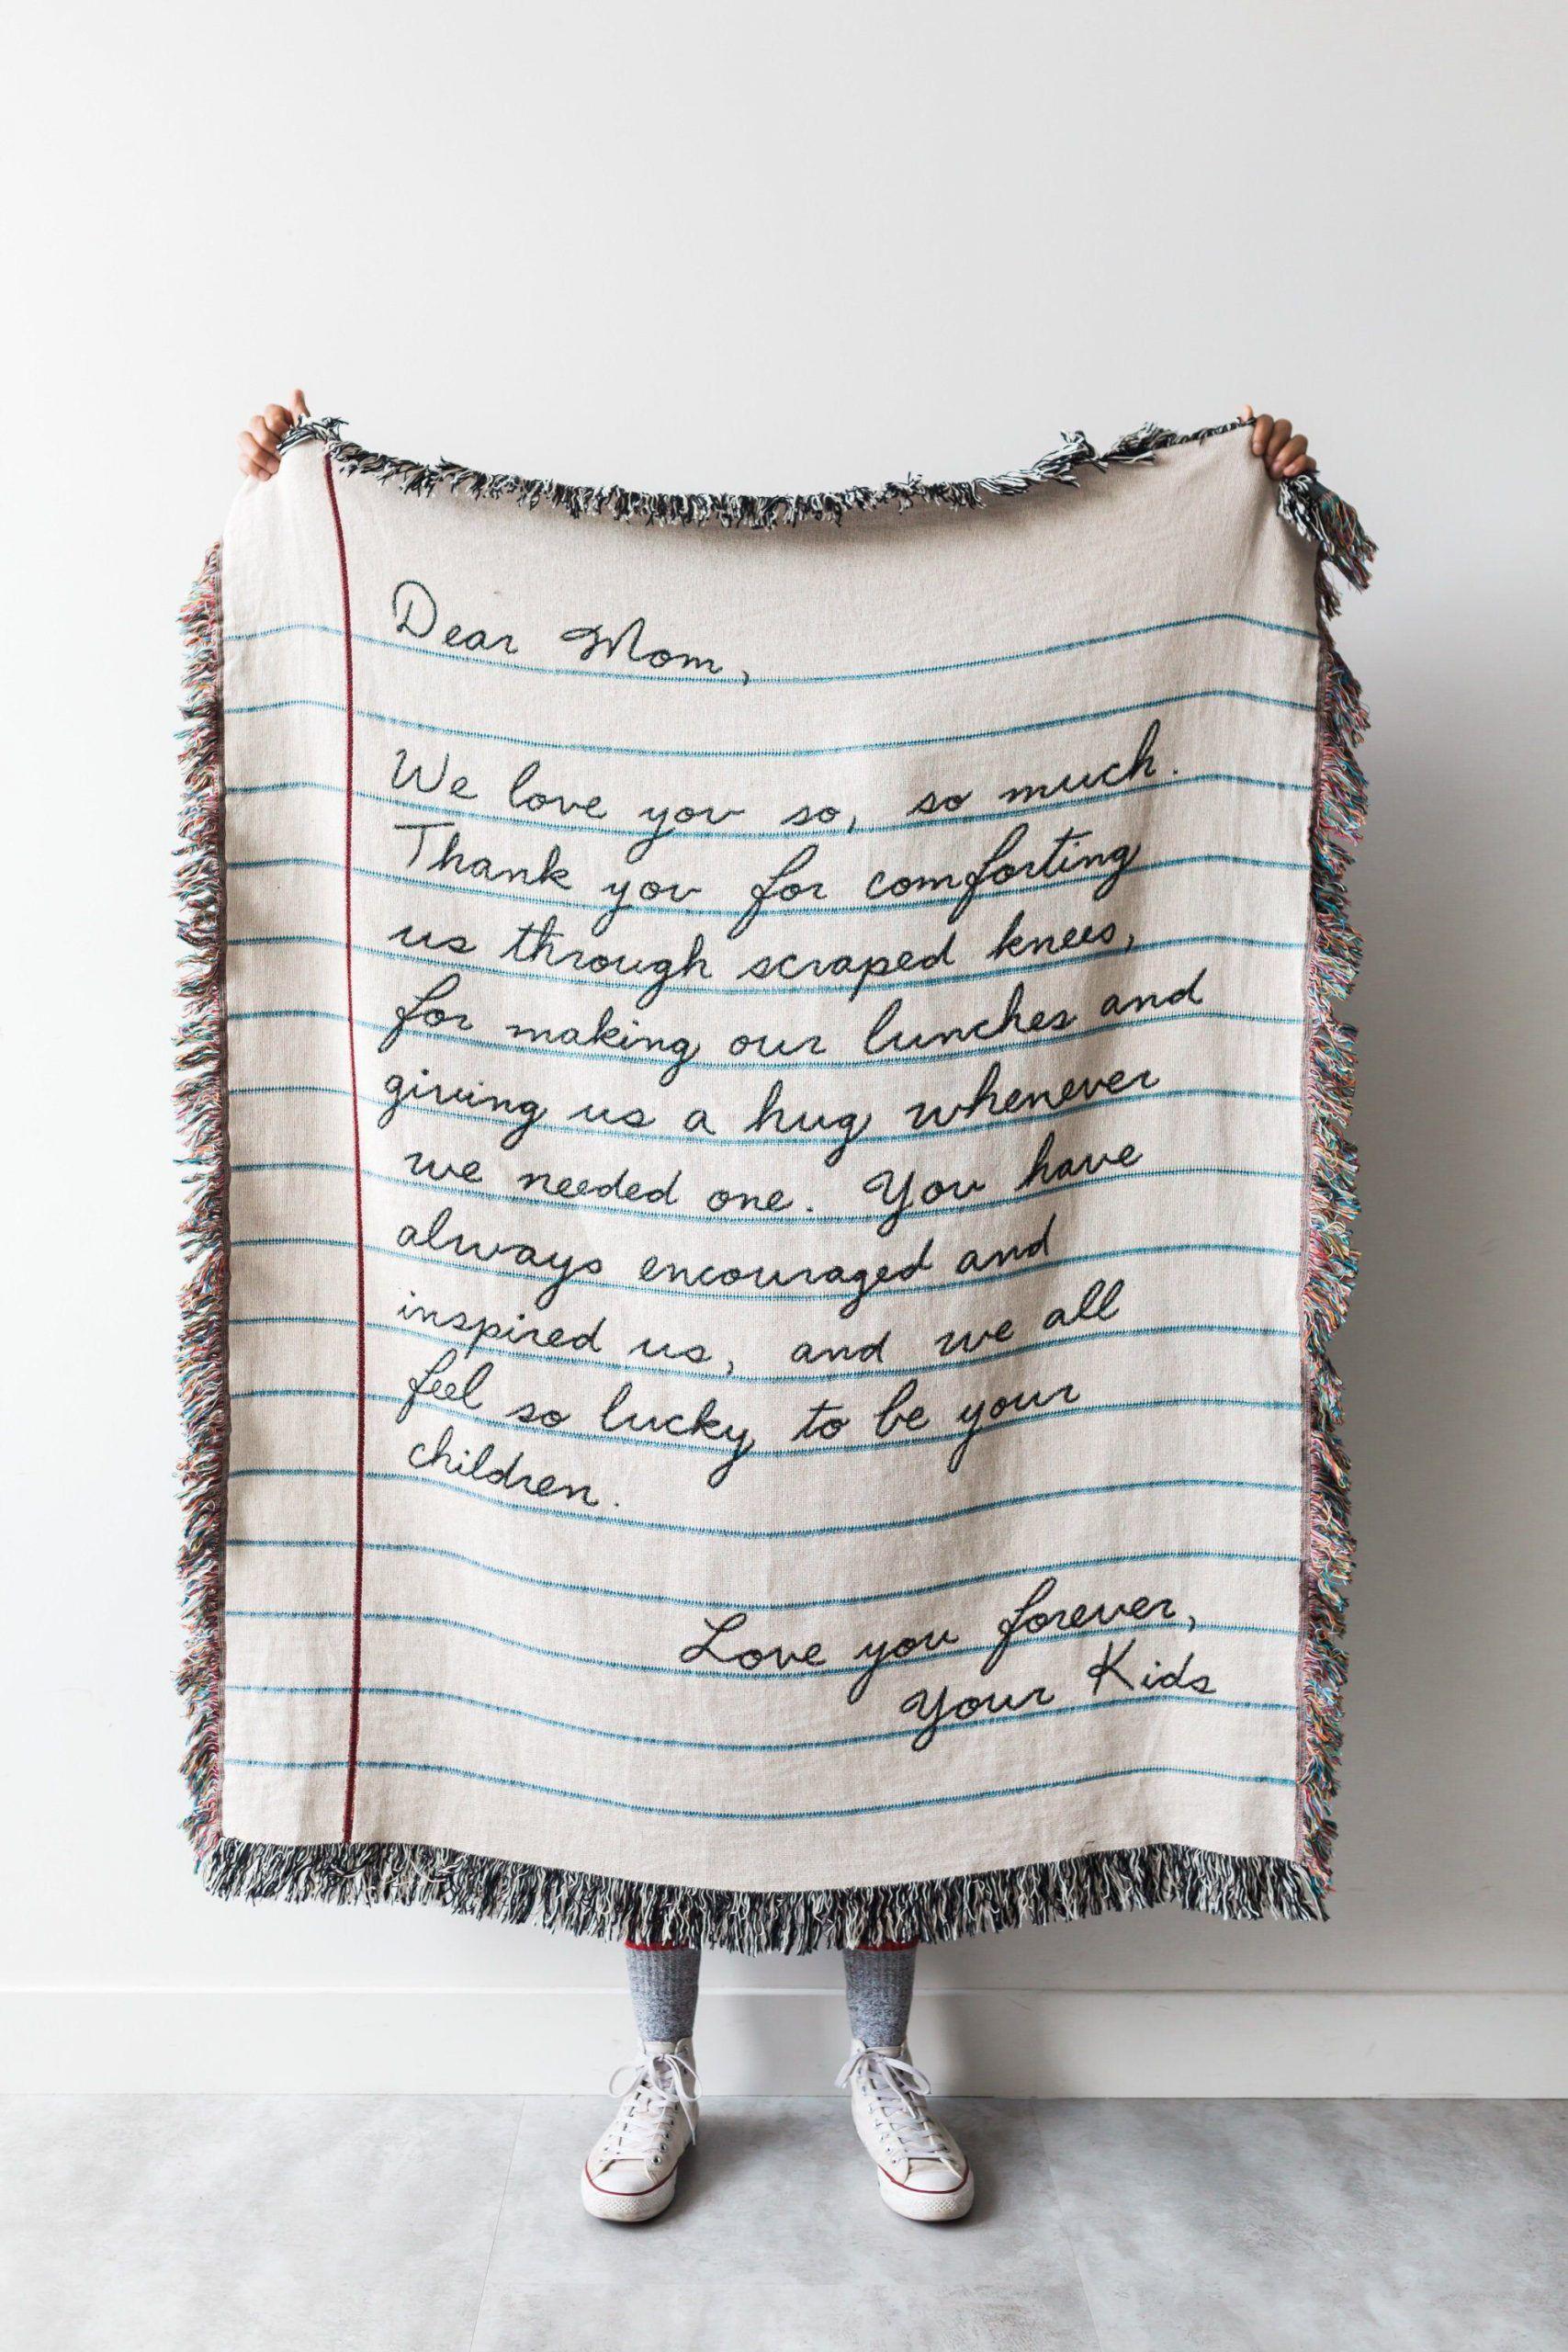 Coperta Per Lettere D Amore Regalo Per La Festa Del Papa Personalizz In 2020 Personalized Gifts For Mom Personalized Fathers Day Gifts Personalized Mother S Day Gifts